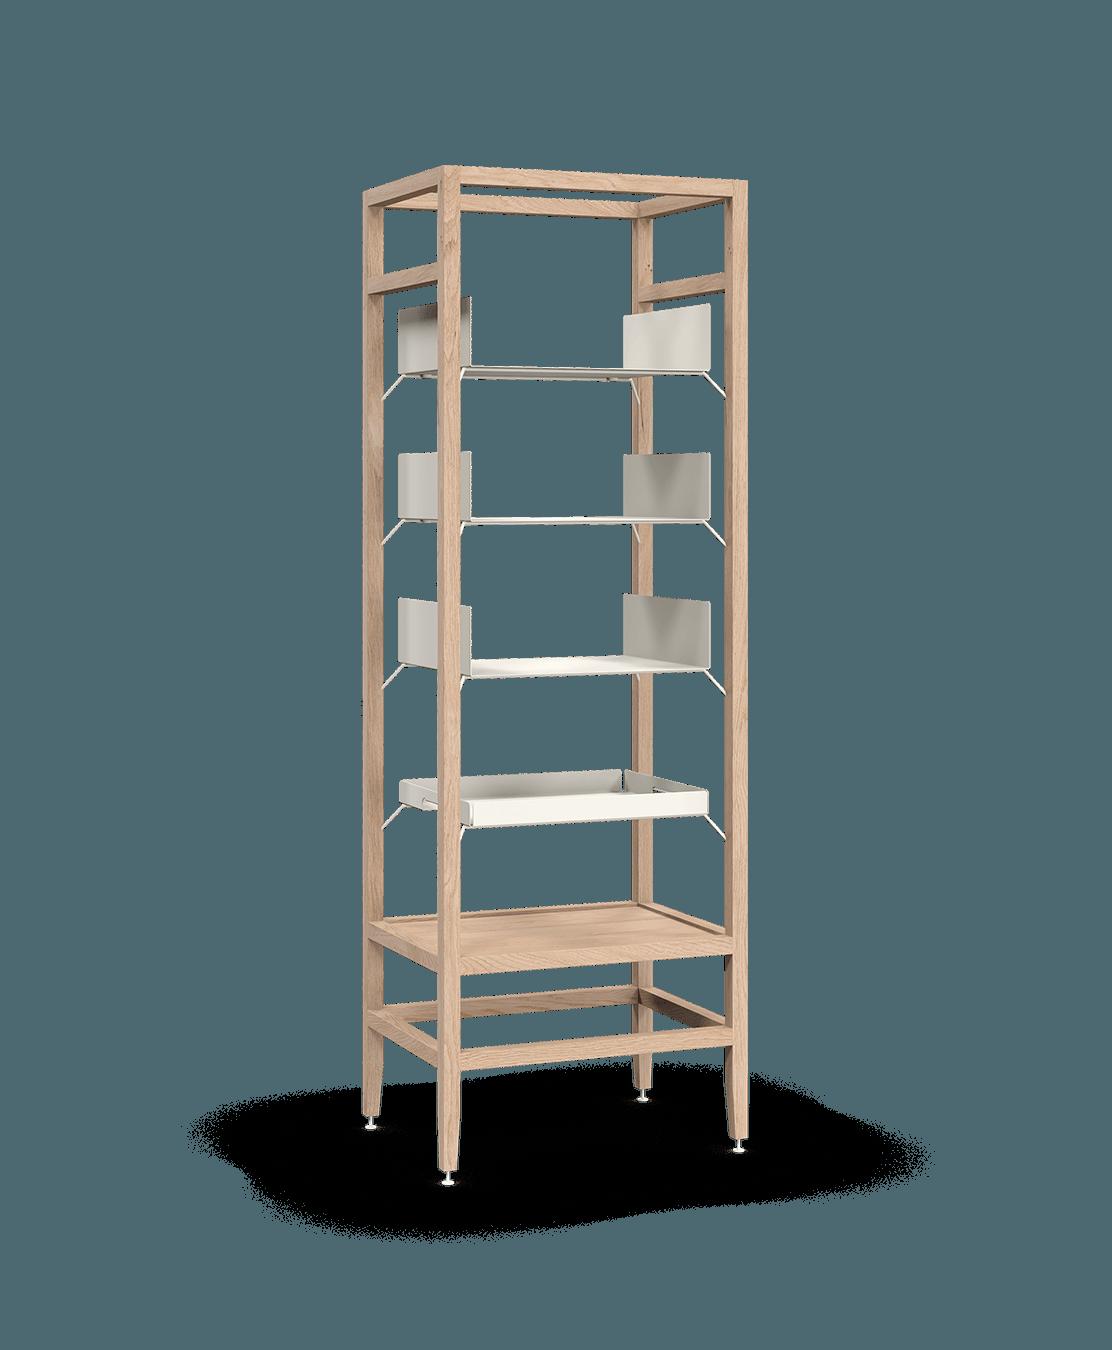 étagère bibliothèque haute modulaire de rangement en bois massif coquo volitare avec 3 tablettes 1 cabaret amovible chêne blanc 24 pouces C2-S-2418-0003-NA